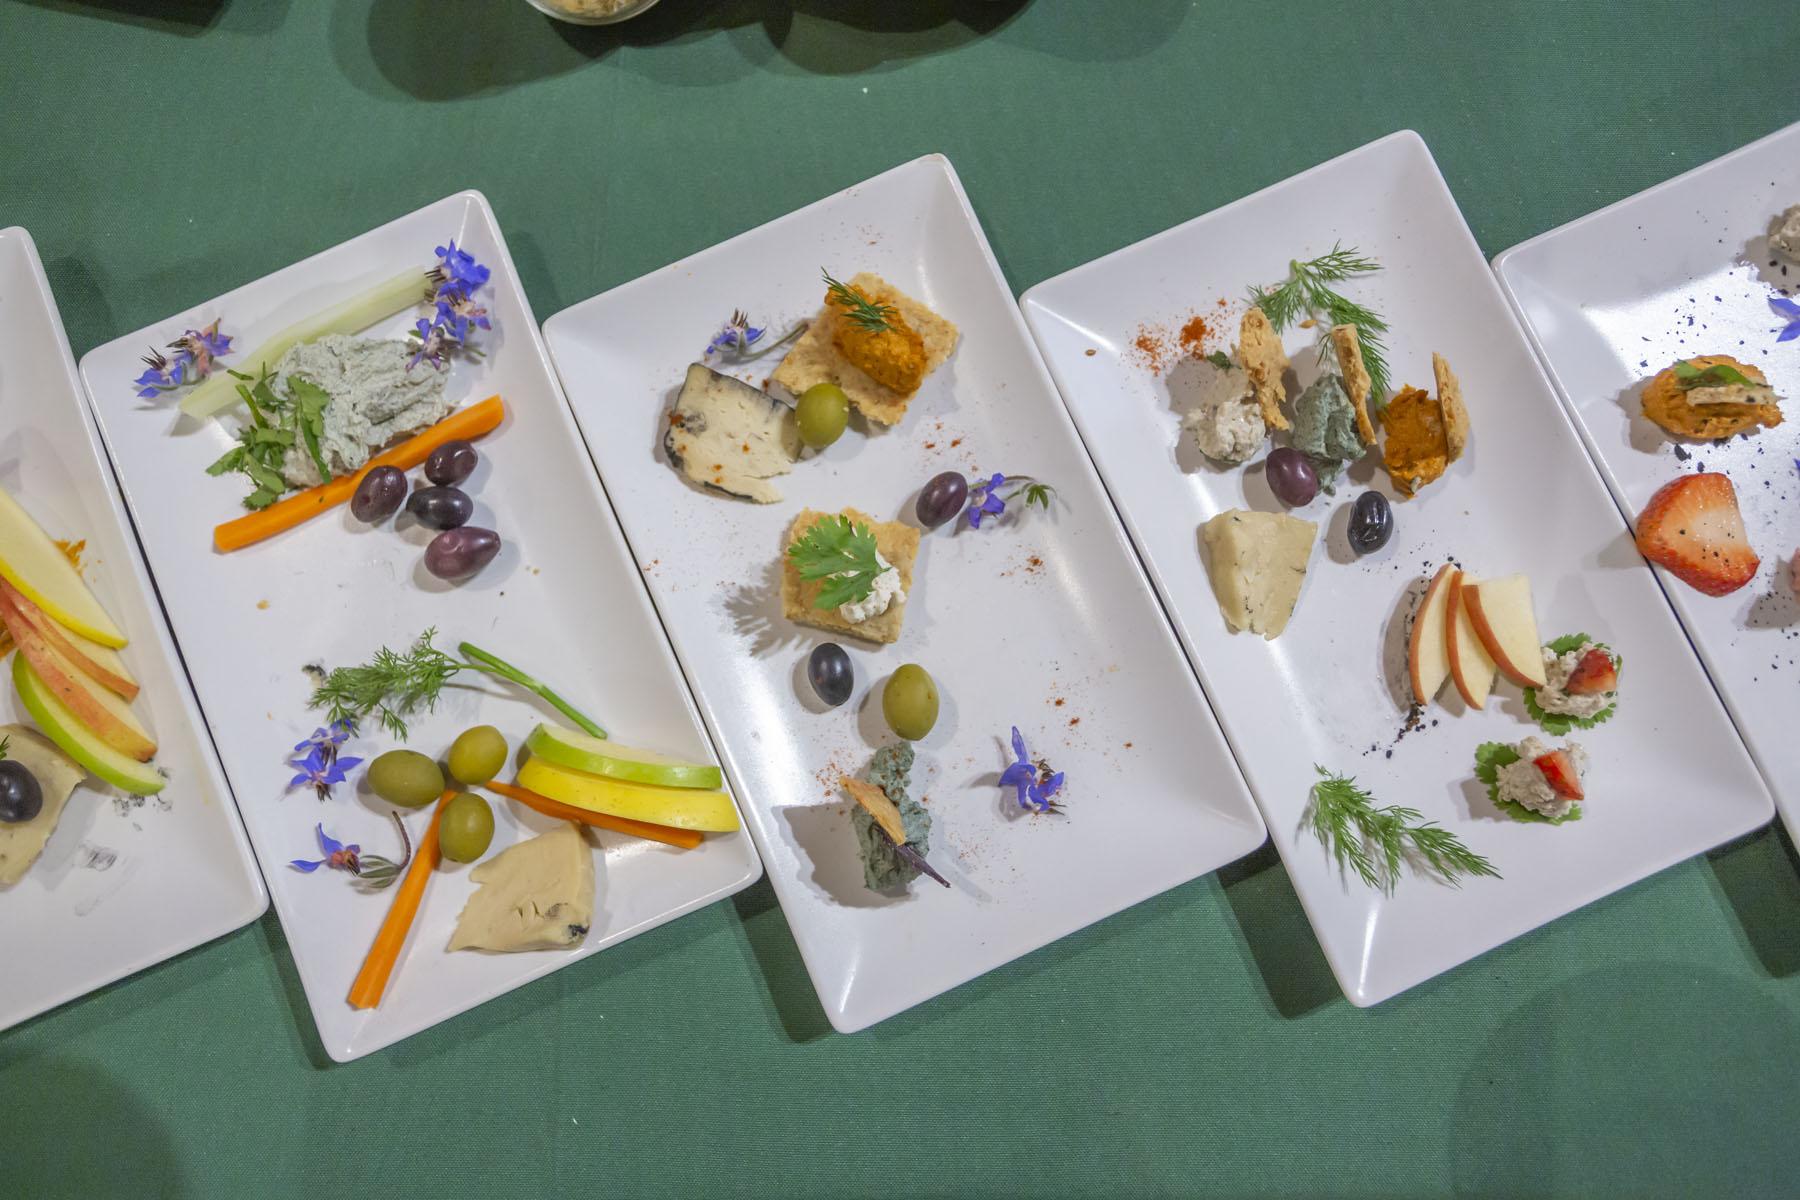 comida_vegana_menorca_quesos_vegetales204